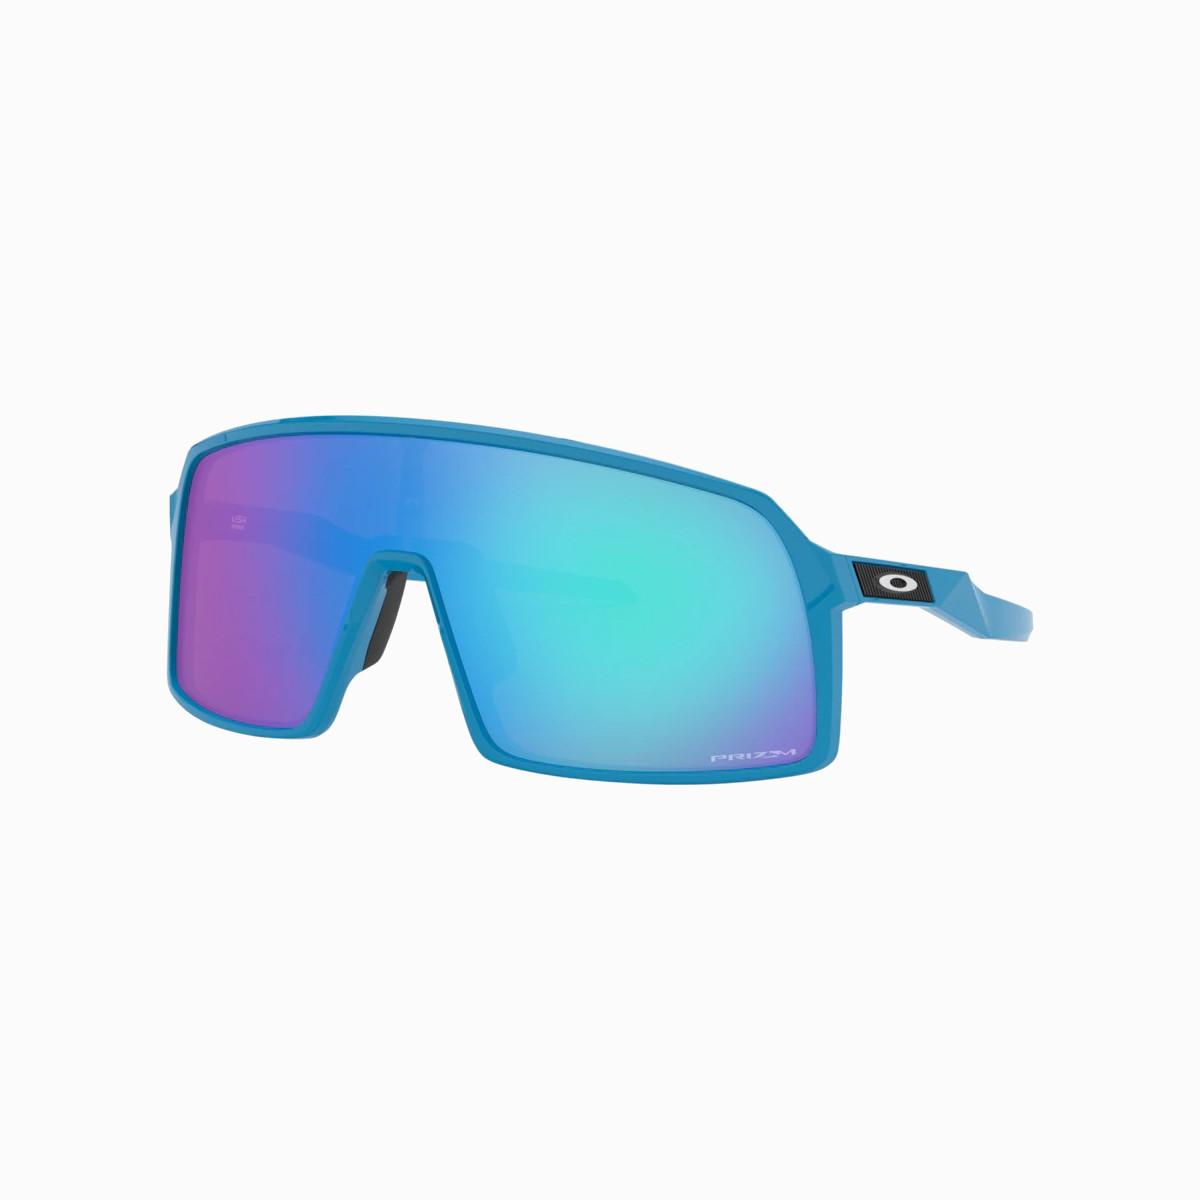 Óculos de Sol Oakley Sutro Sky Prizm Sapphire